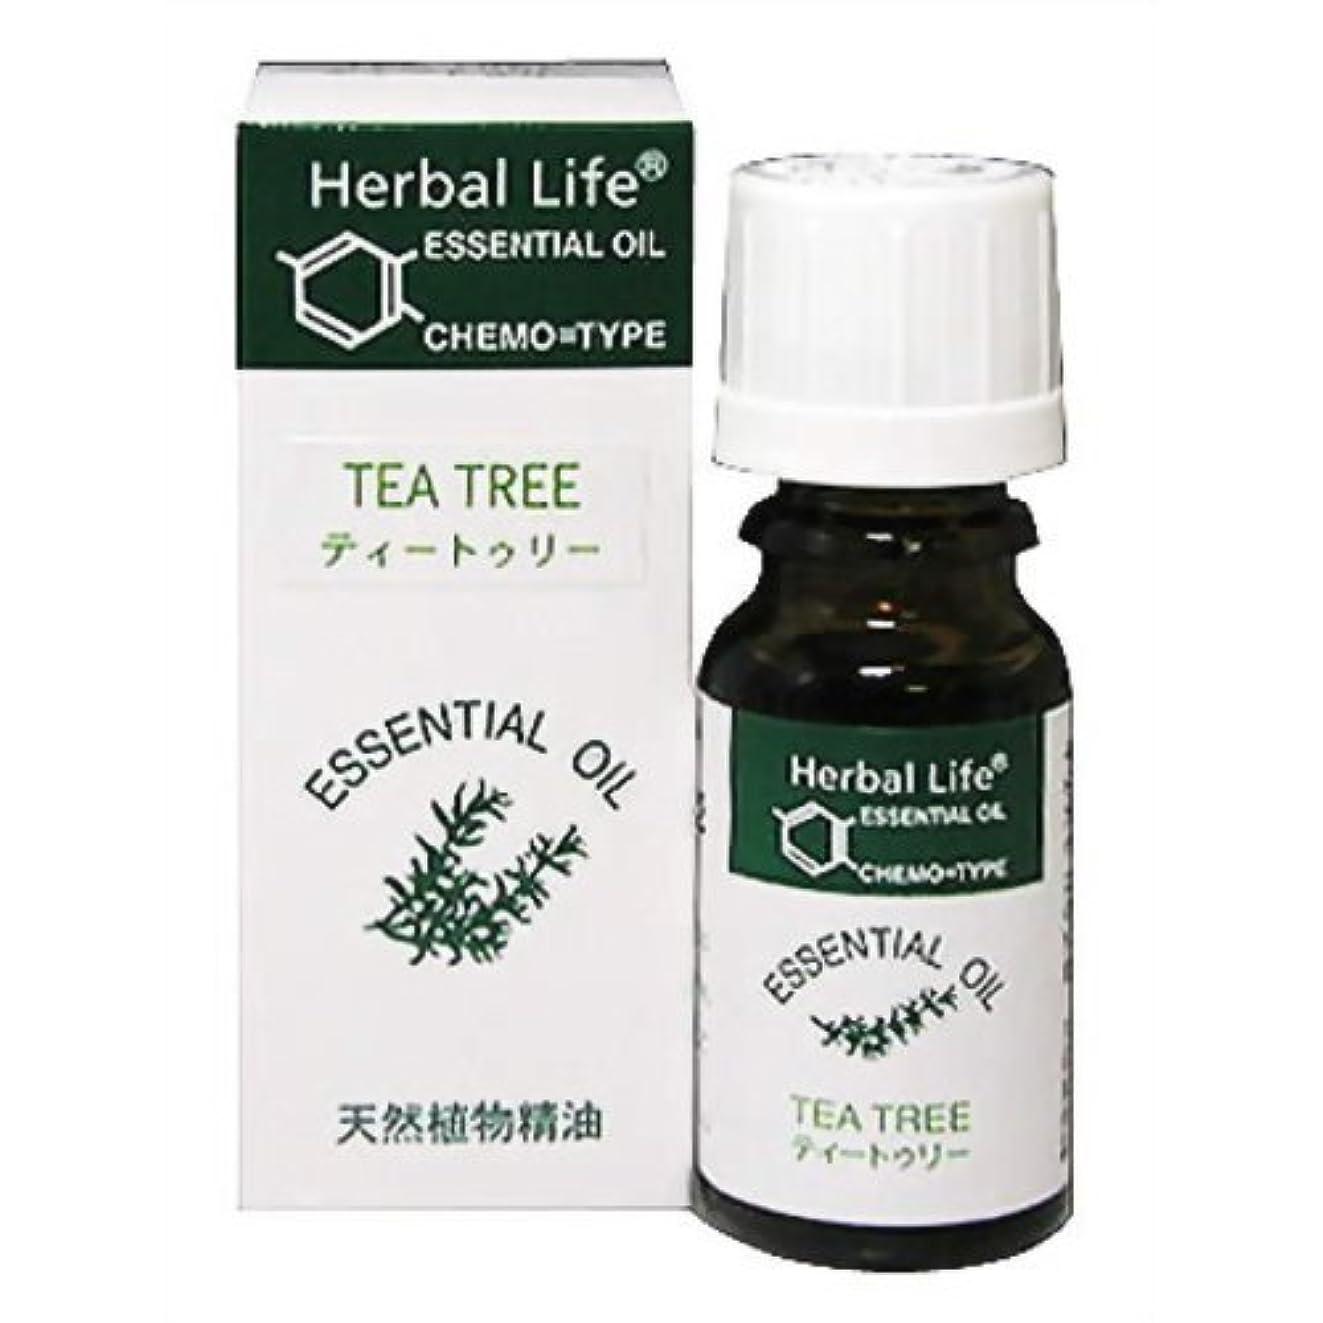 パーセント経済的安全Herbal Life ティートゥリー 10ml